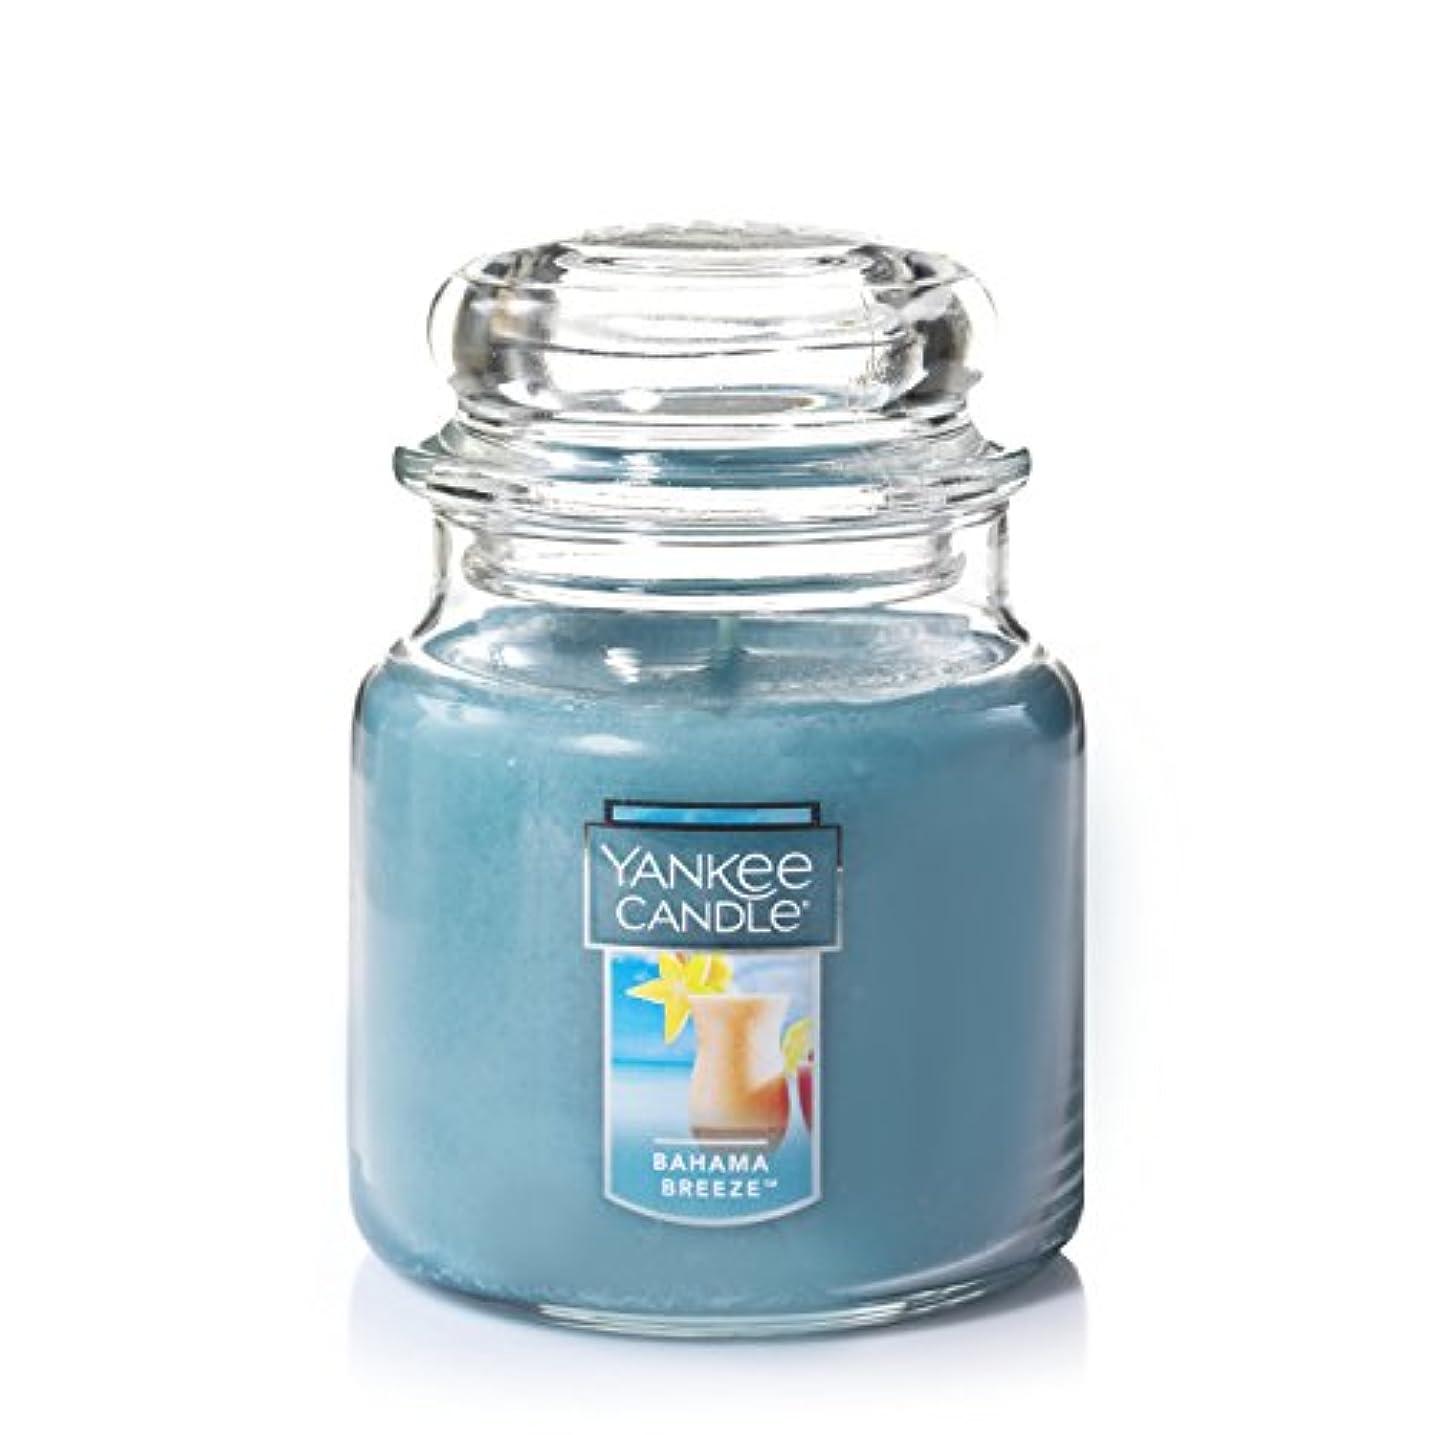 受け入れ同級生ラリーベルモントYankee Candle Company 1220934 Bahama Breeze自動車ジャーアルティメット Medium Jar Candle ブルー 1205303Z